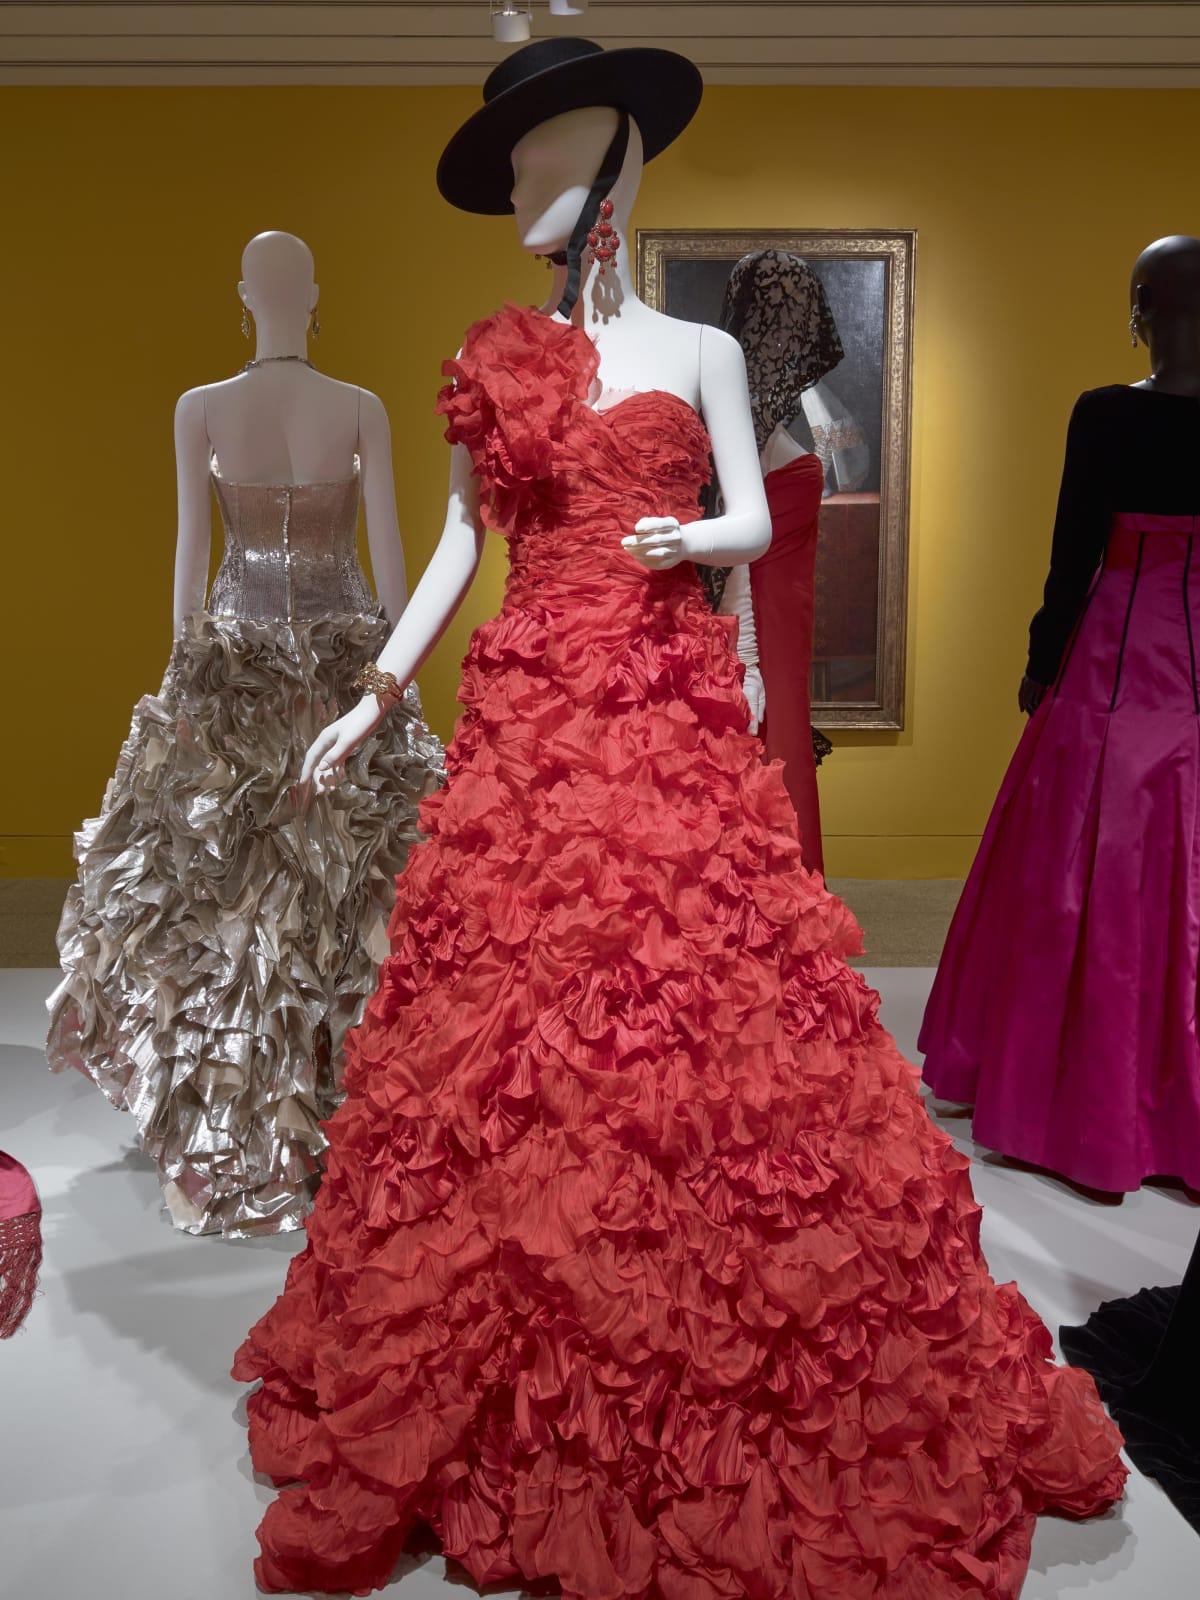 Oscar de la Renta MFAH exhibition Beyonce Knowles gown